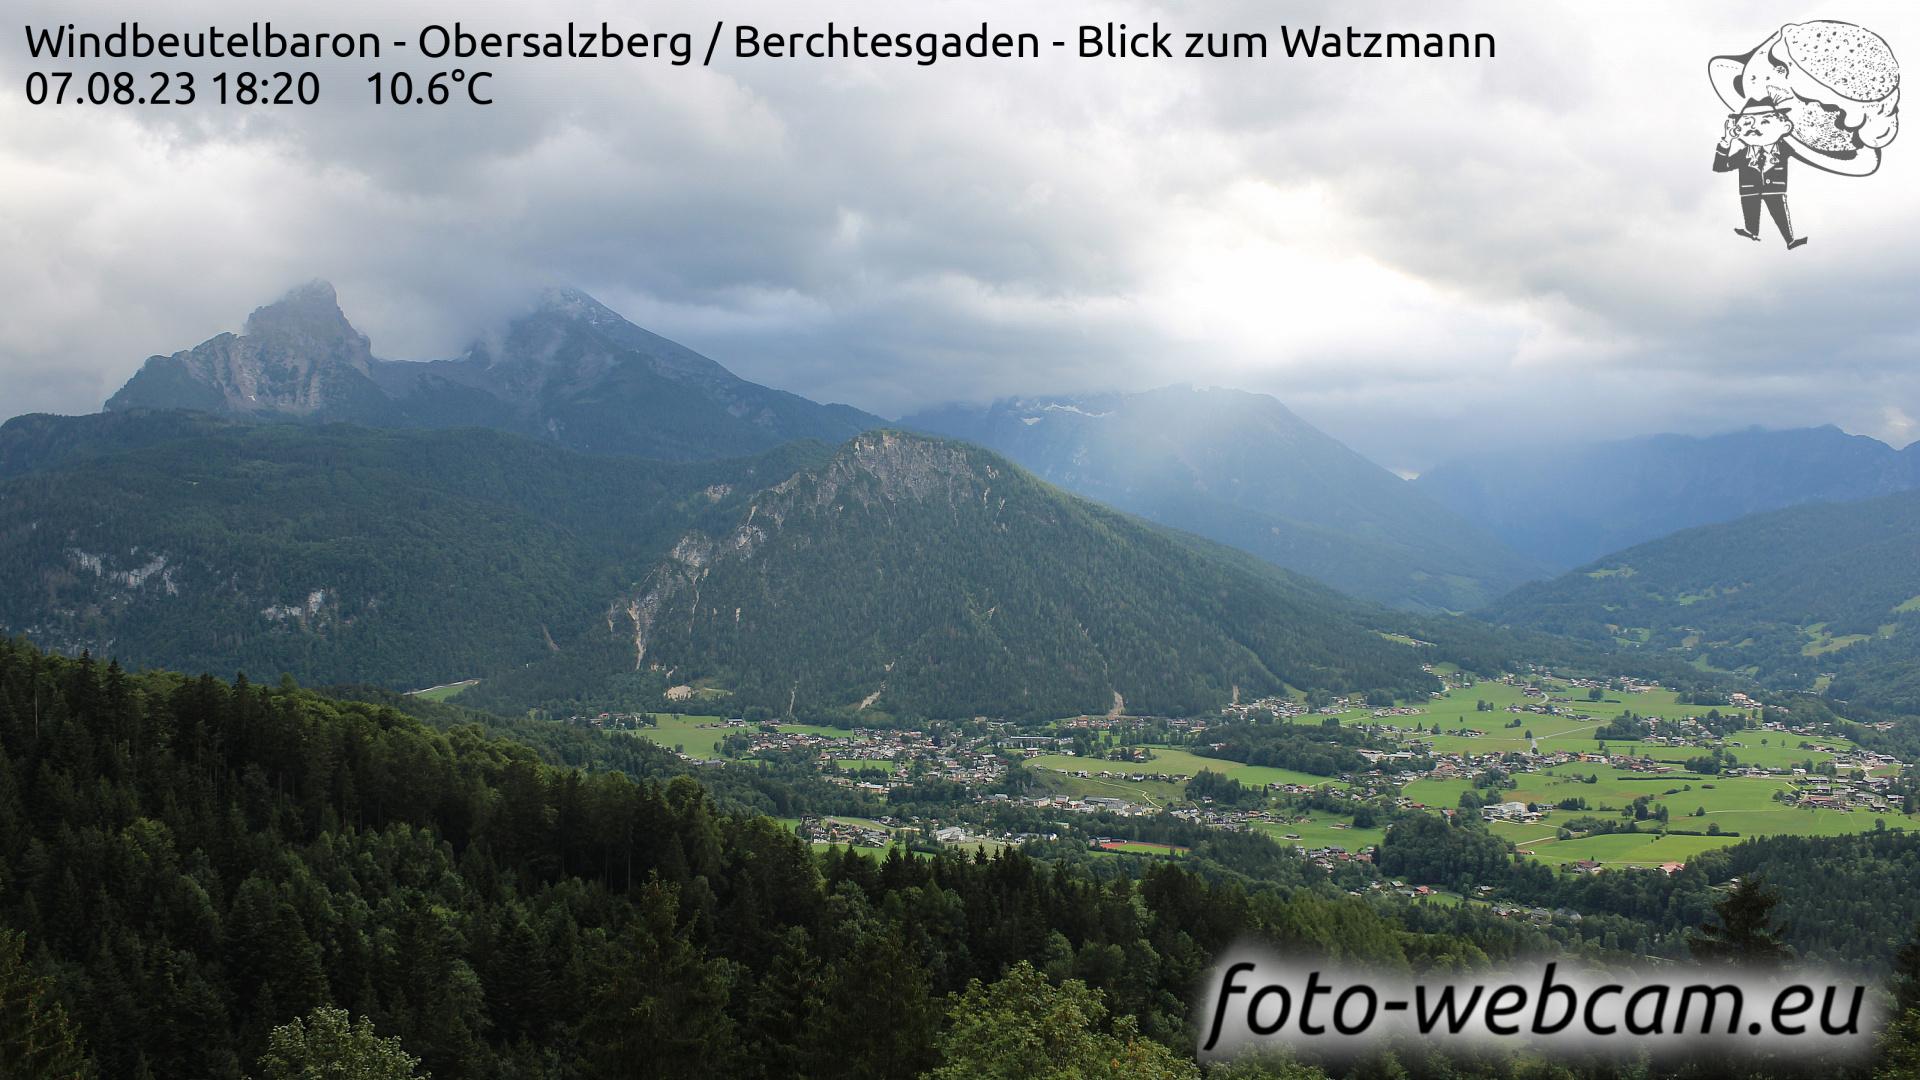 Berchtesgaden Sat. 18:32